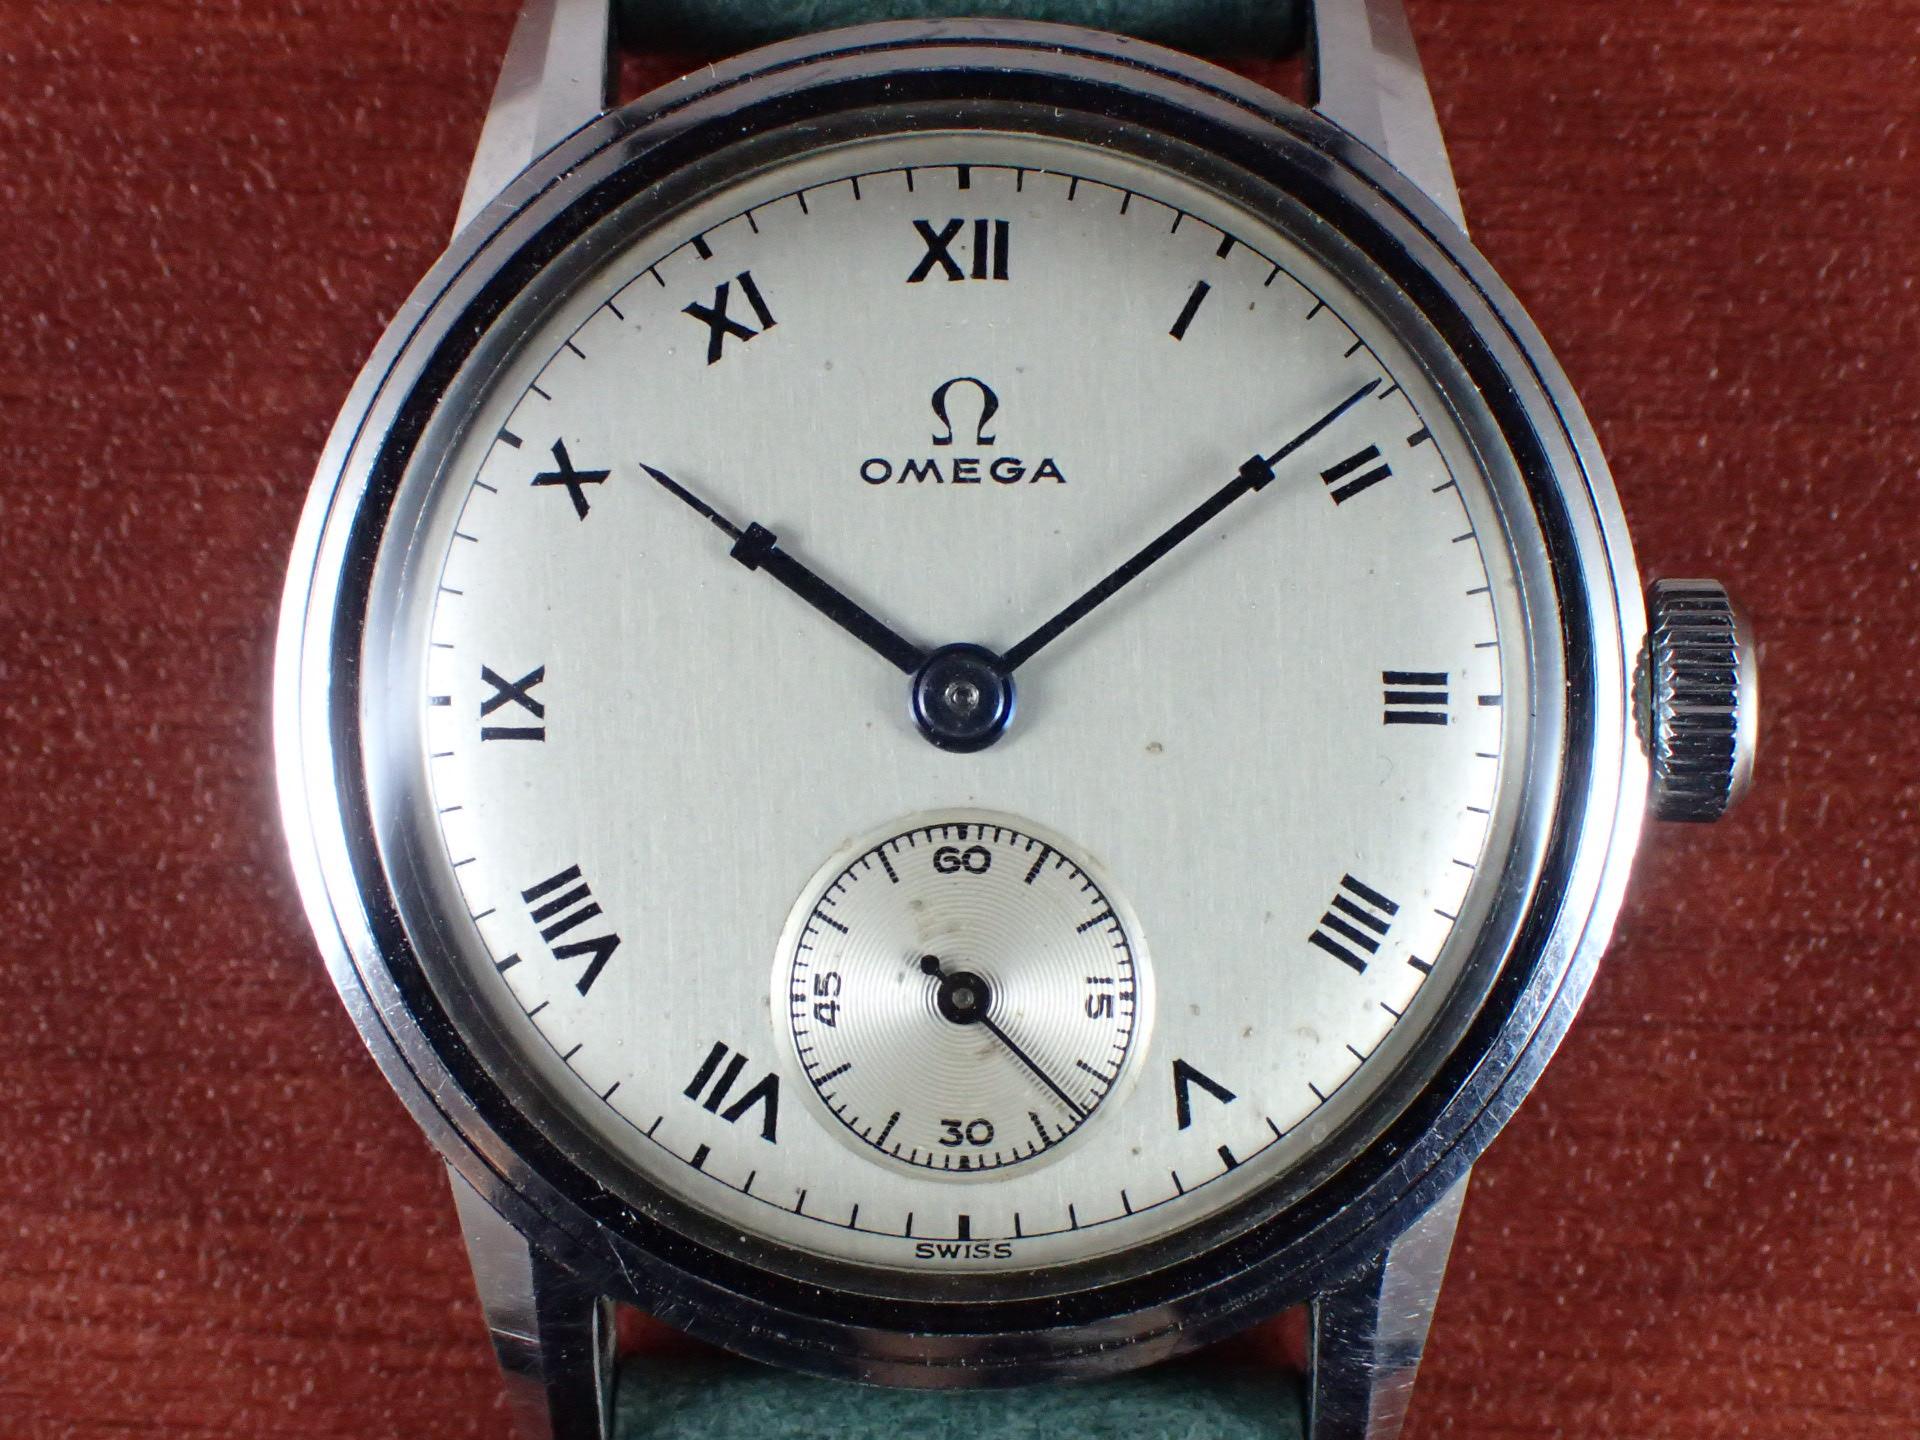 オメガ キャリバーR17.8 ローマンインデックス スクリューバック 1940年代の写真2枚目